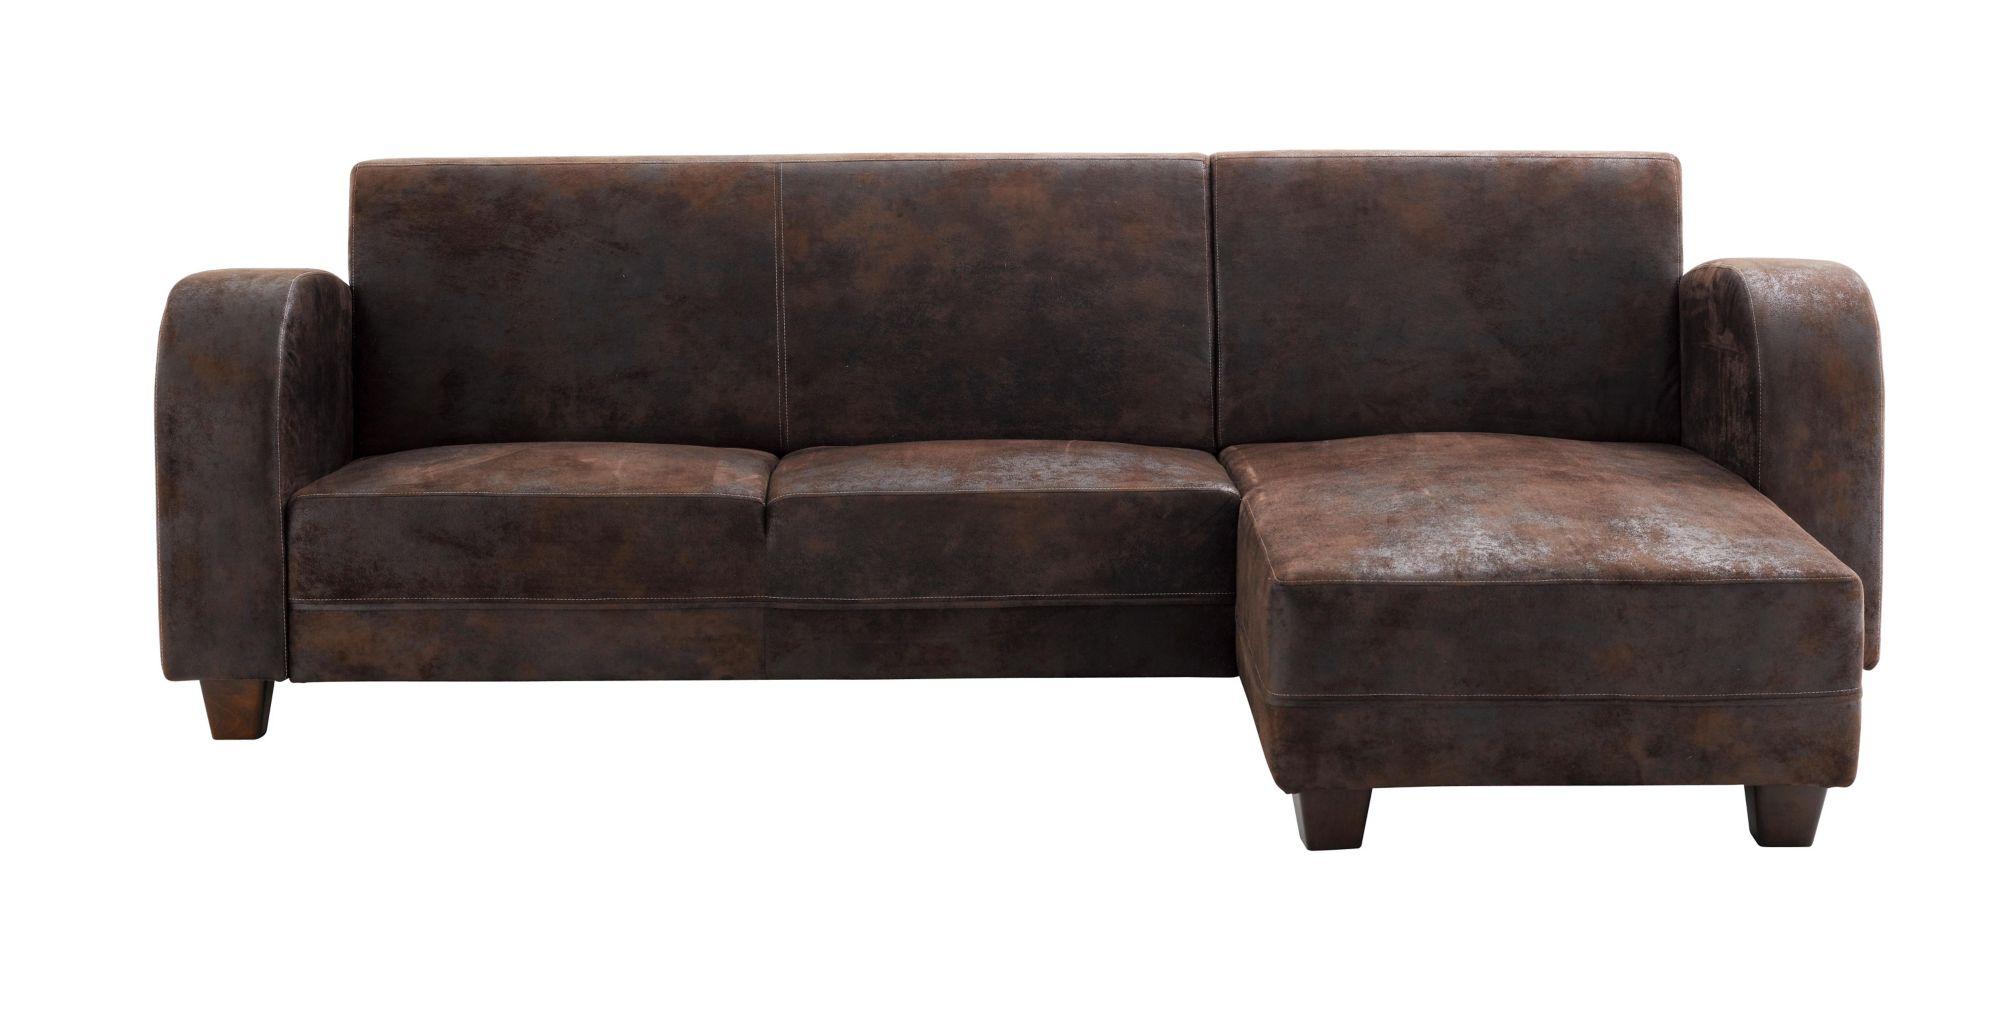 canape d'angle cuir marron vieilli